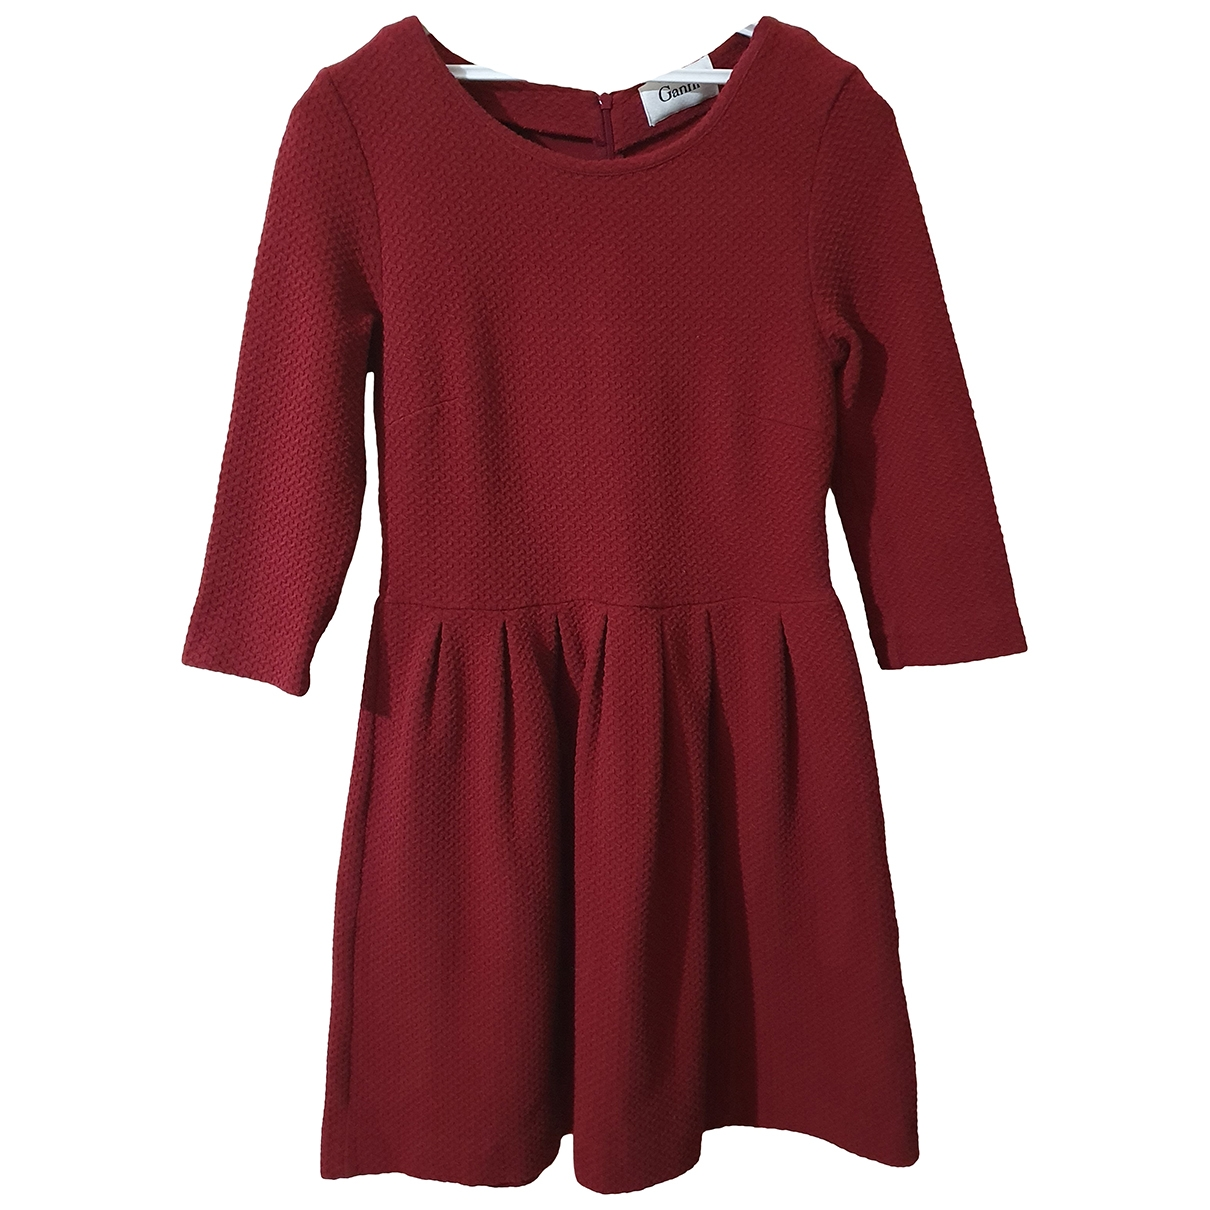 Ganni \N Kleid in  Bordeauxrot Baumwolle - Elasthan